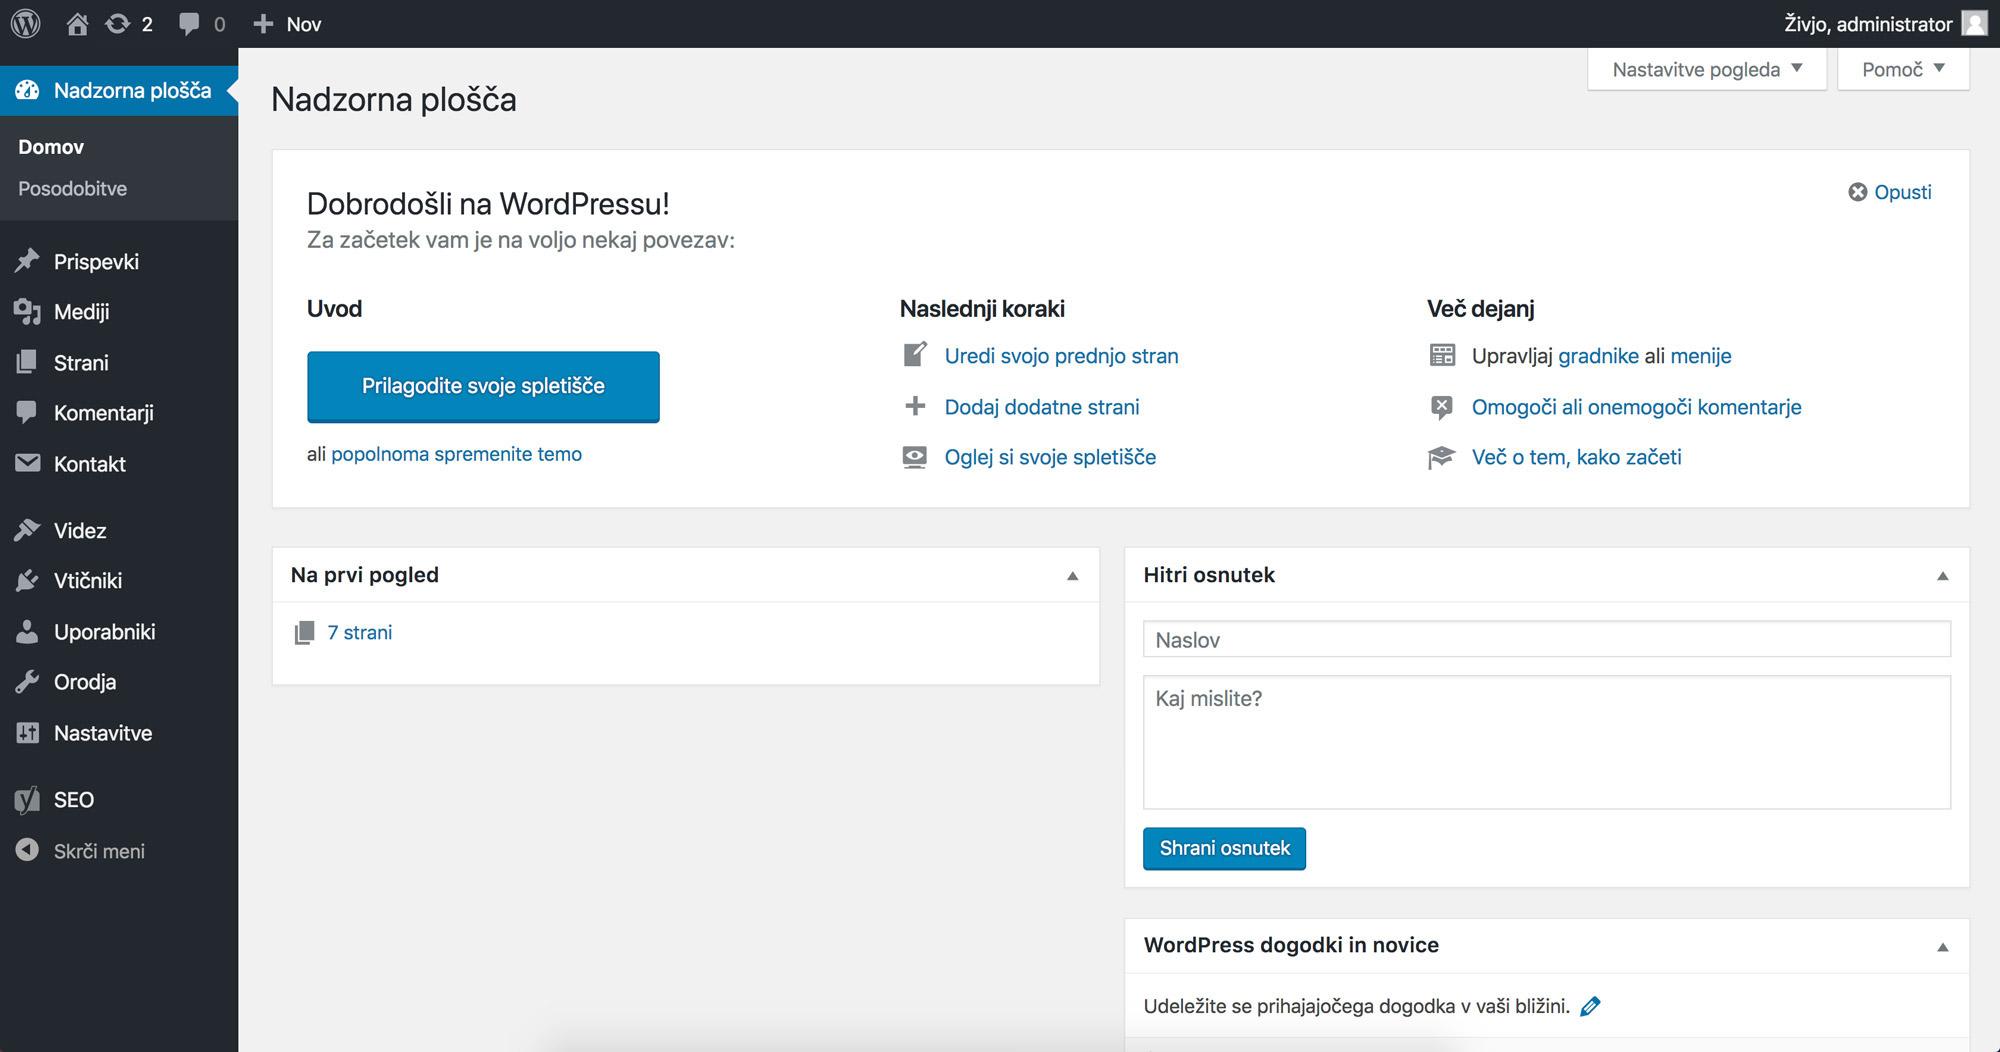 WordPress Nadzorna plošča